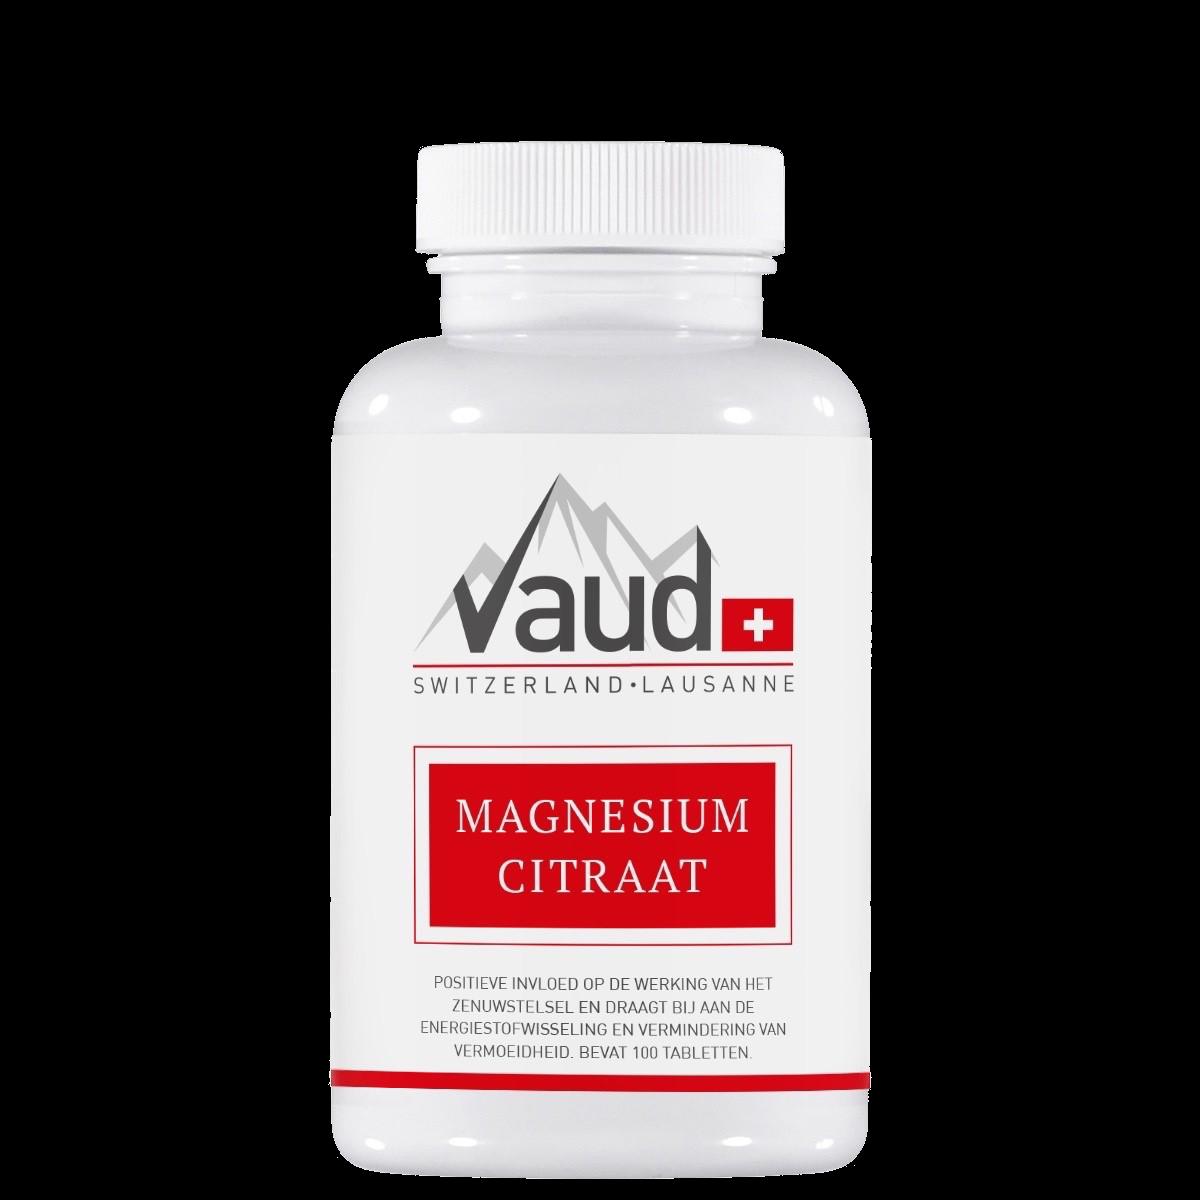 Magnesium Citraat voor een goede gezondheid